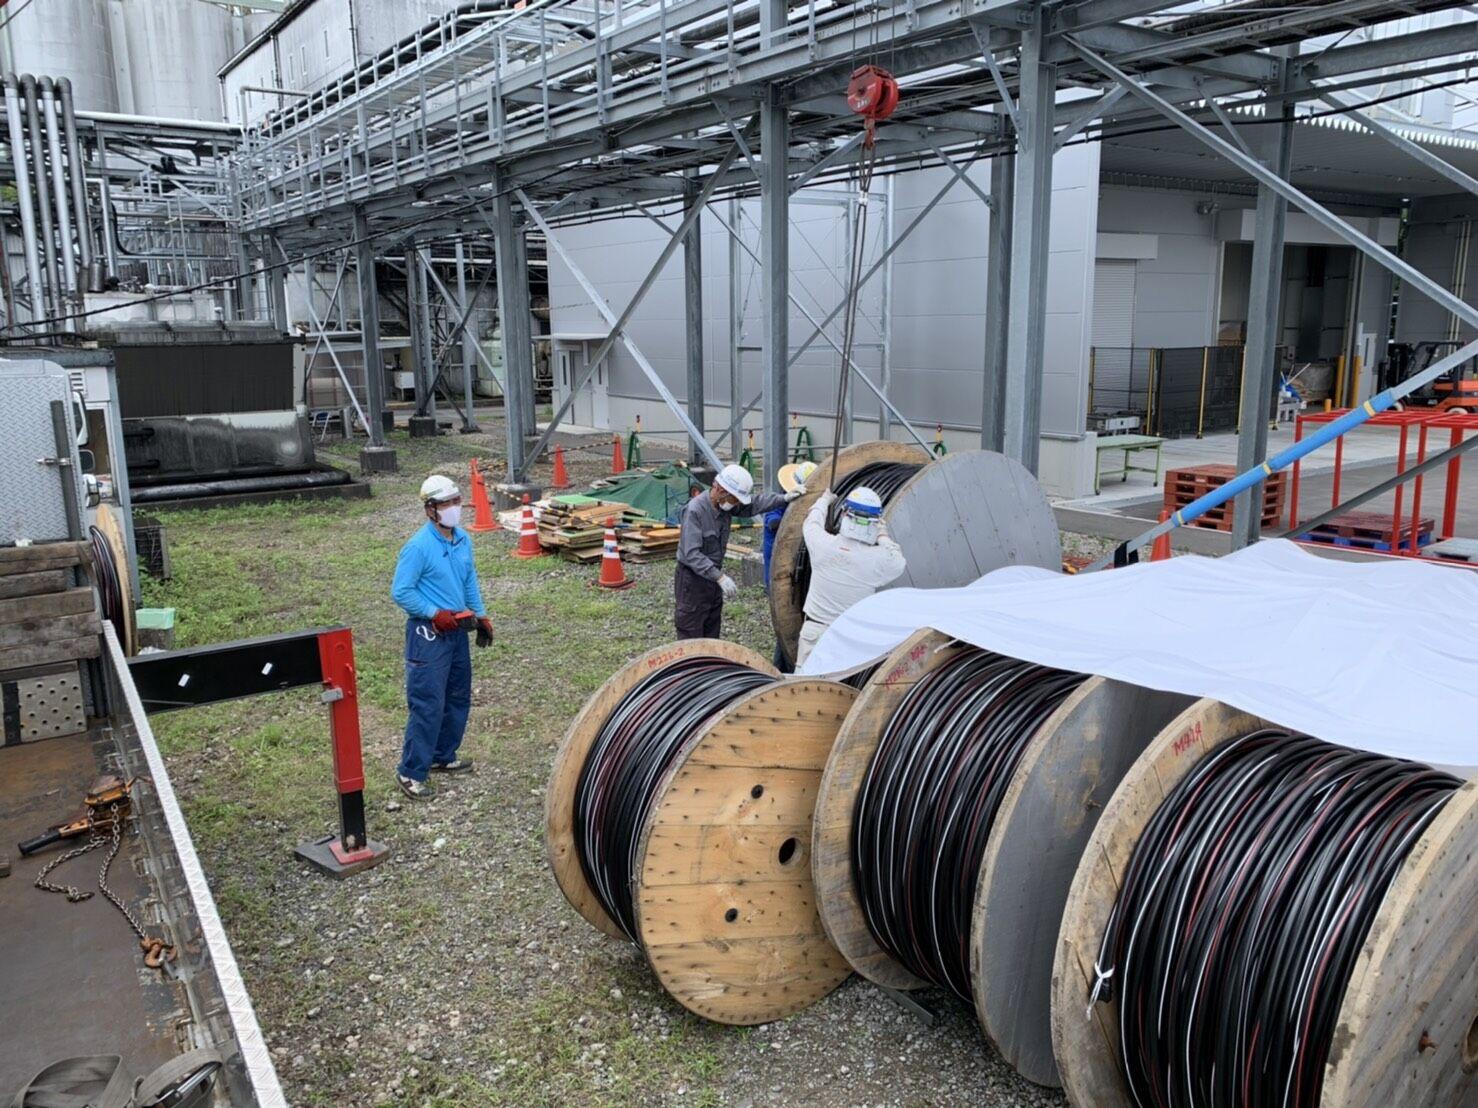 長物幹線ケーブル配線工事開始 佐倉市の電気設備工事 神門電設です